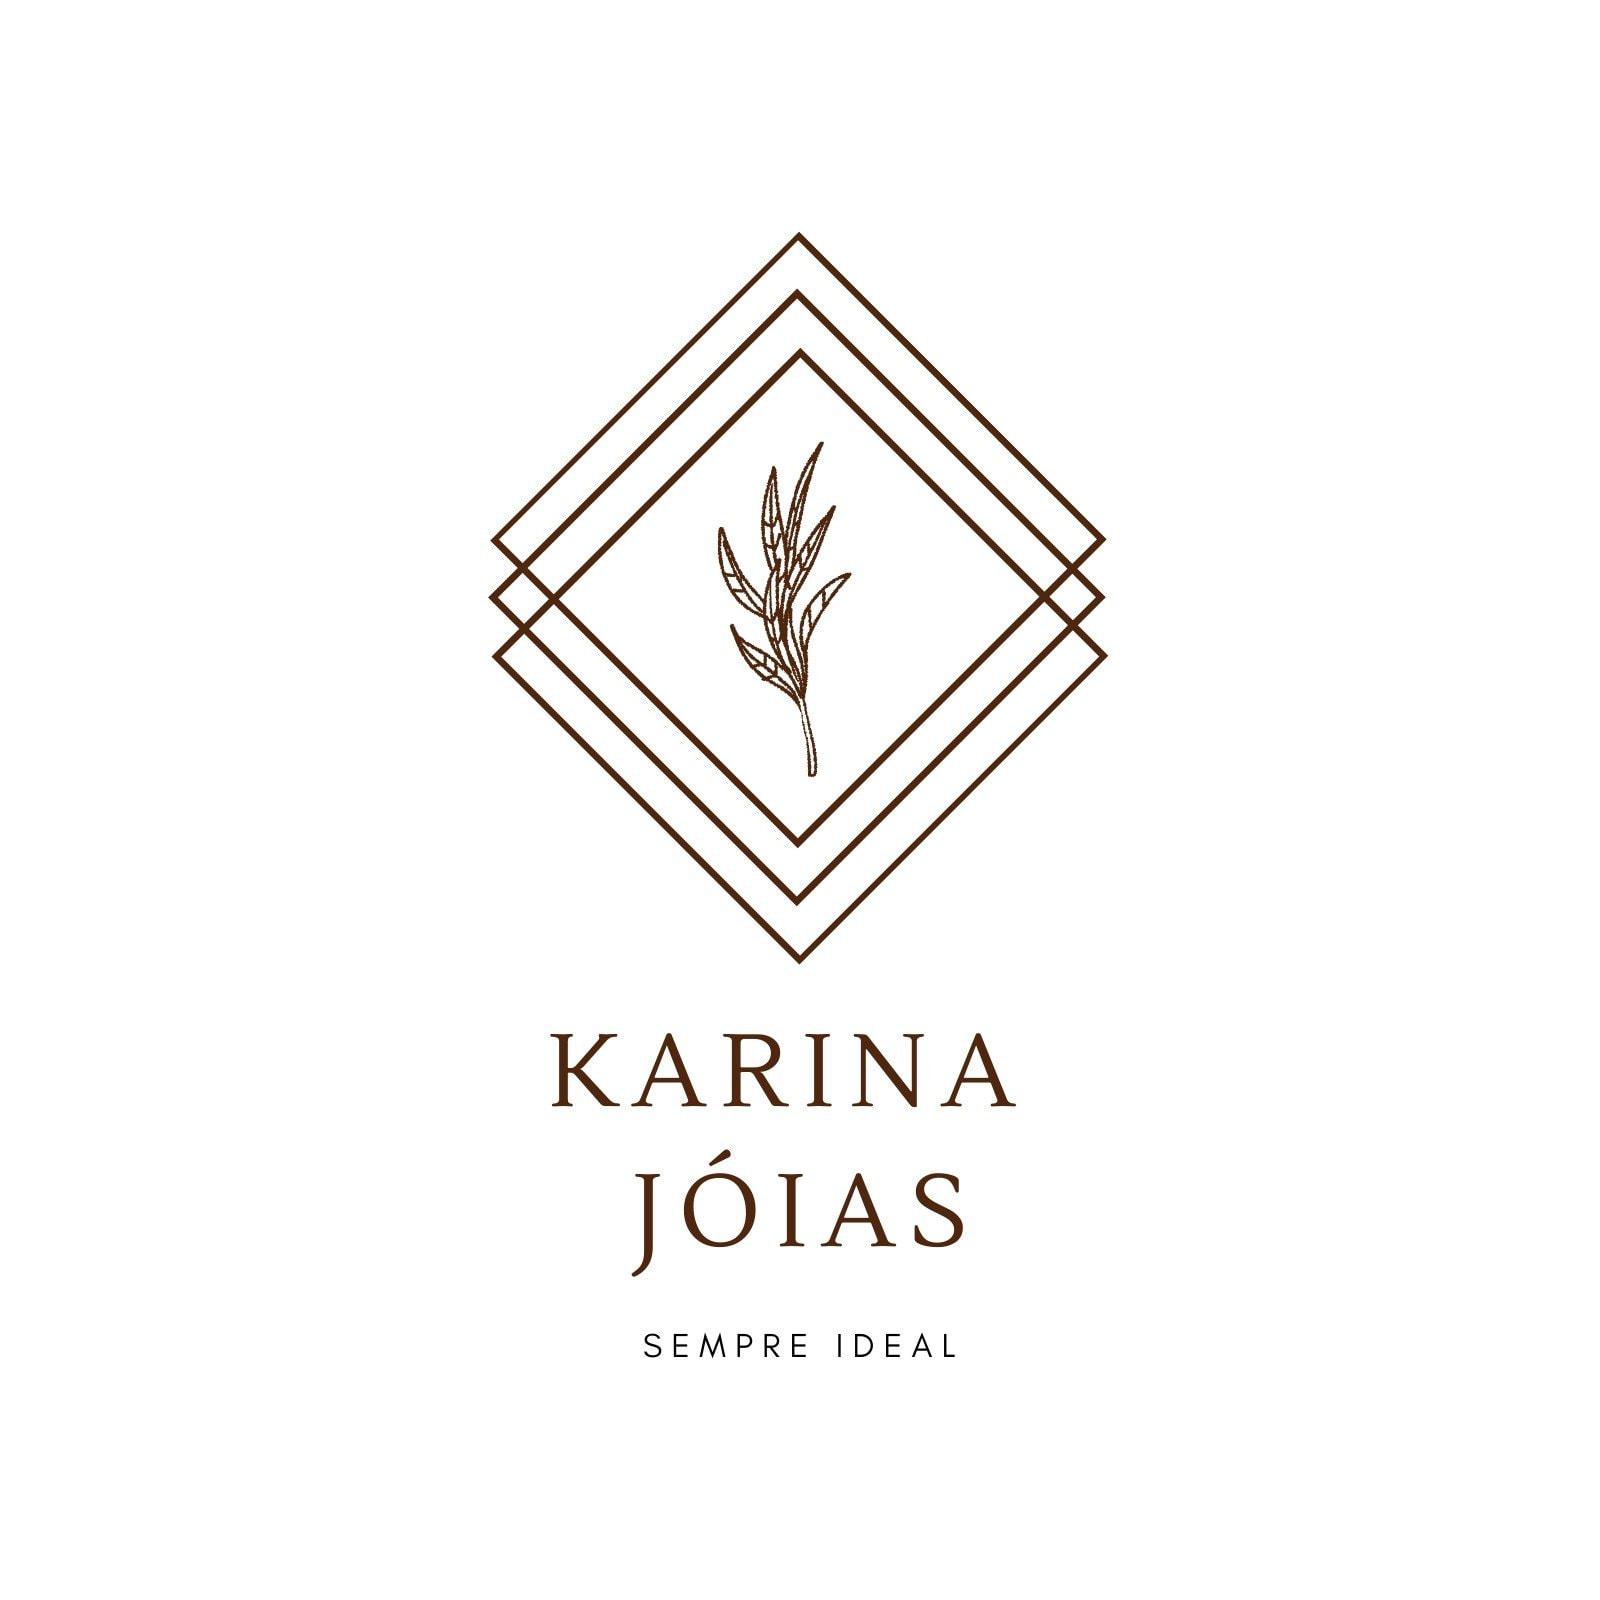 Elegante Geométrico Joalheria Logotipo